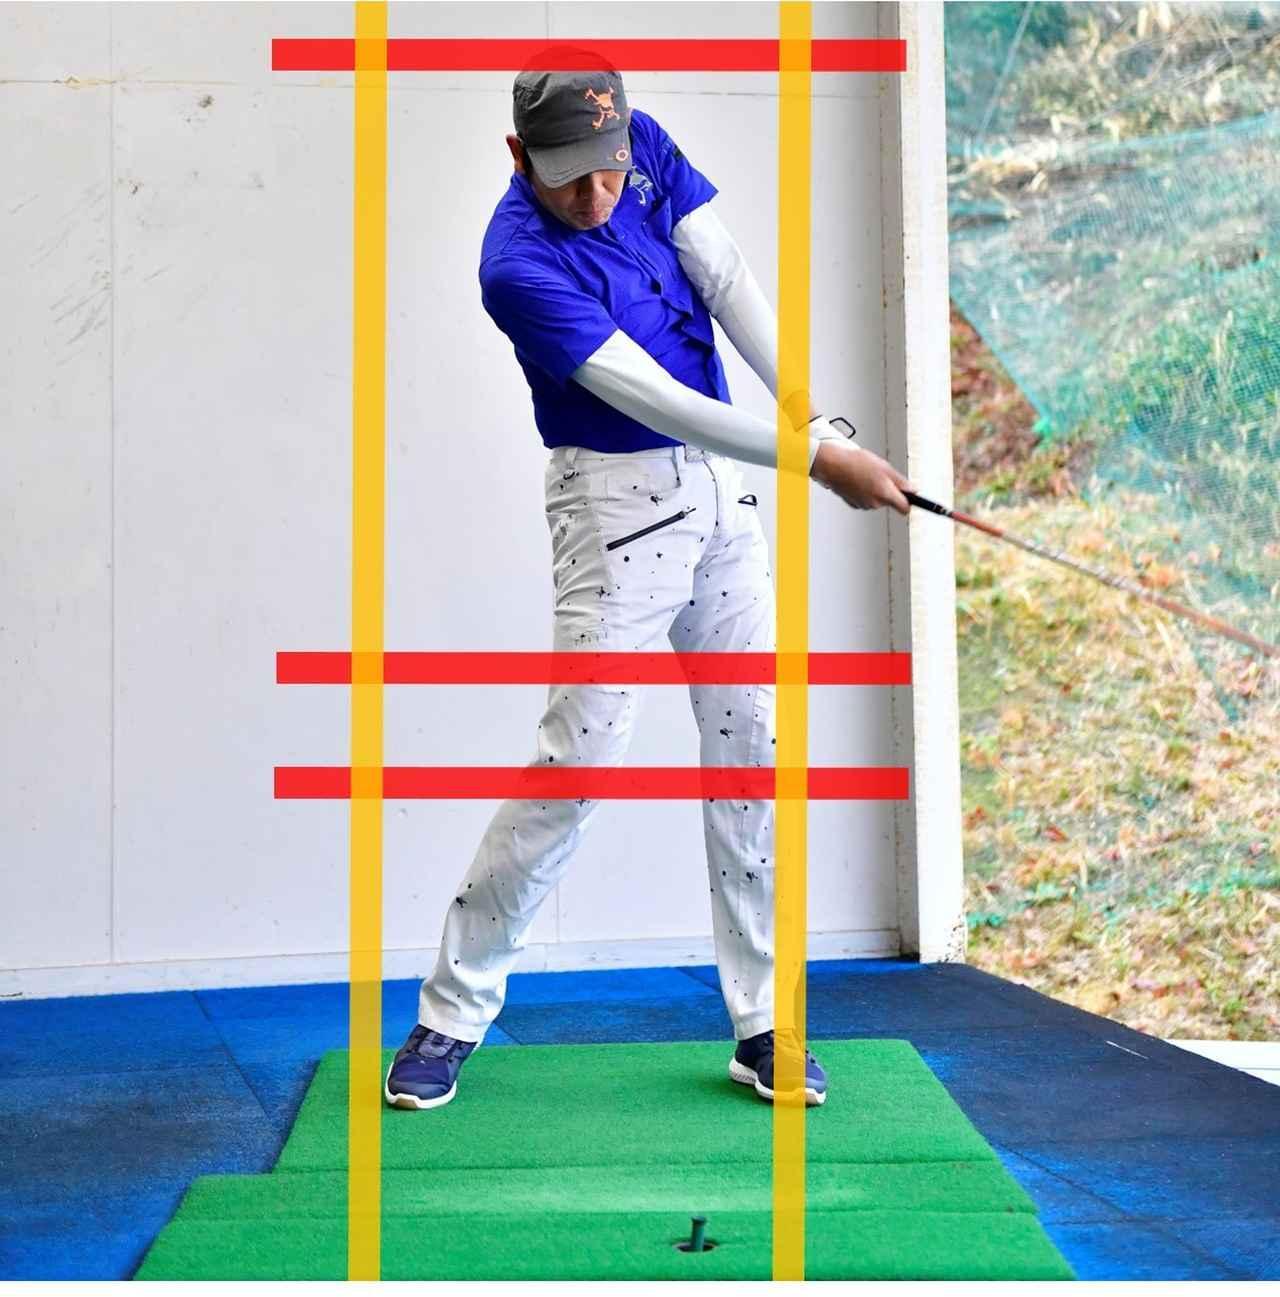 画像2: 自分のスウィングがよく分かる「線の入れ方」